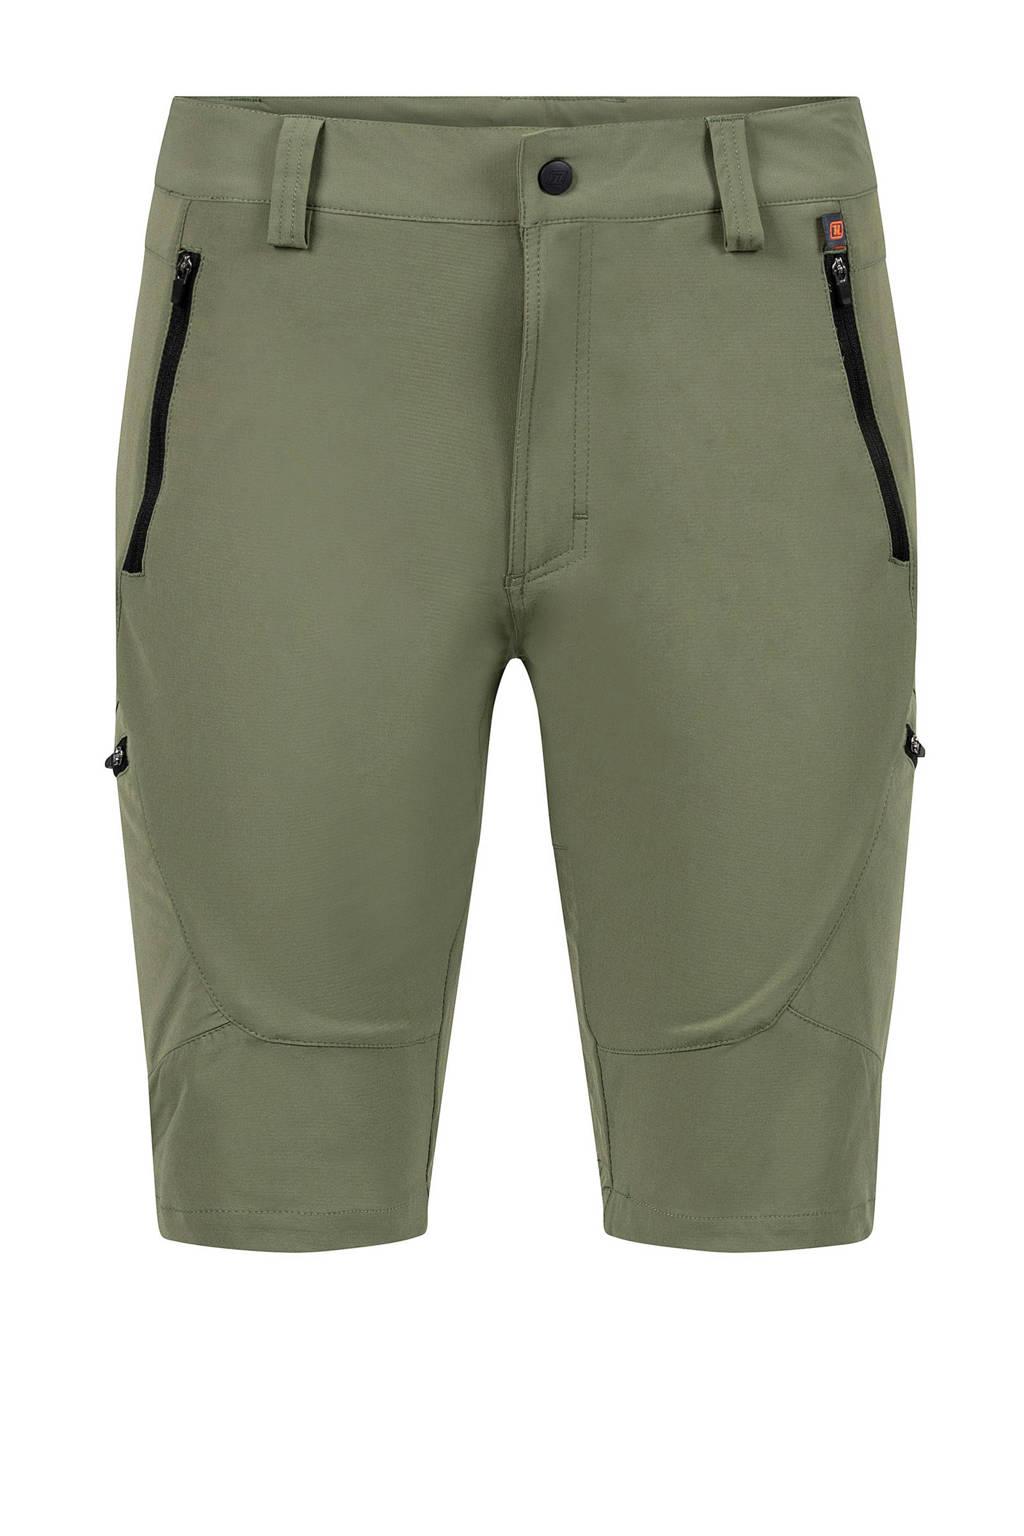 Life-Line korte outdoor broek Lionel olijfgroen, Olijfgroen